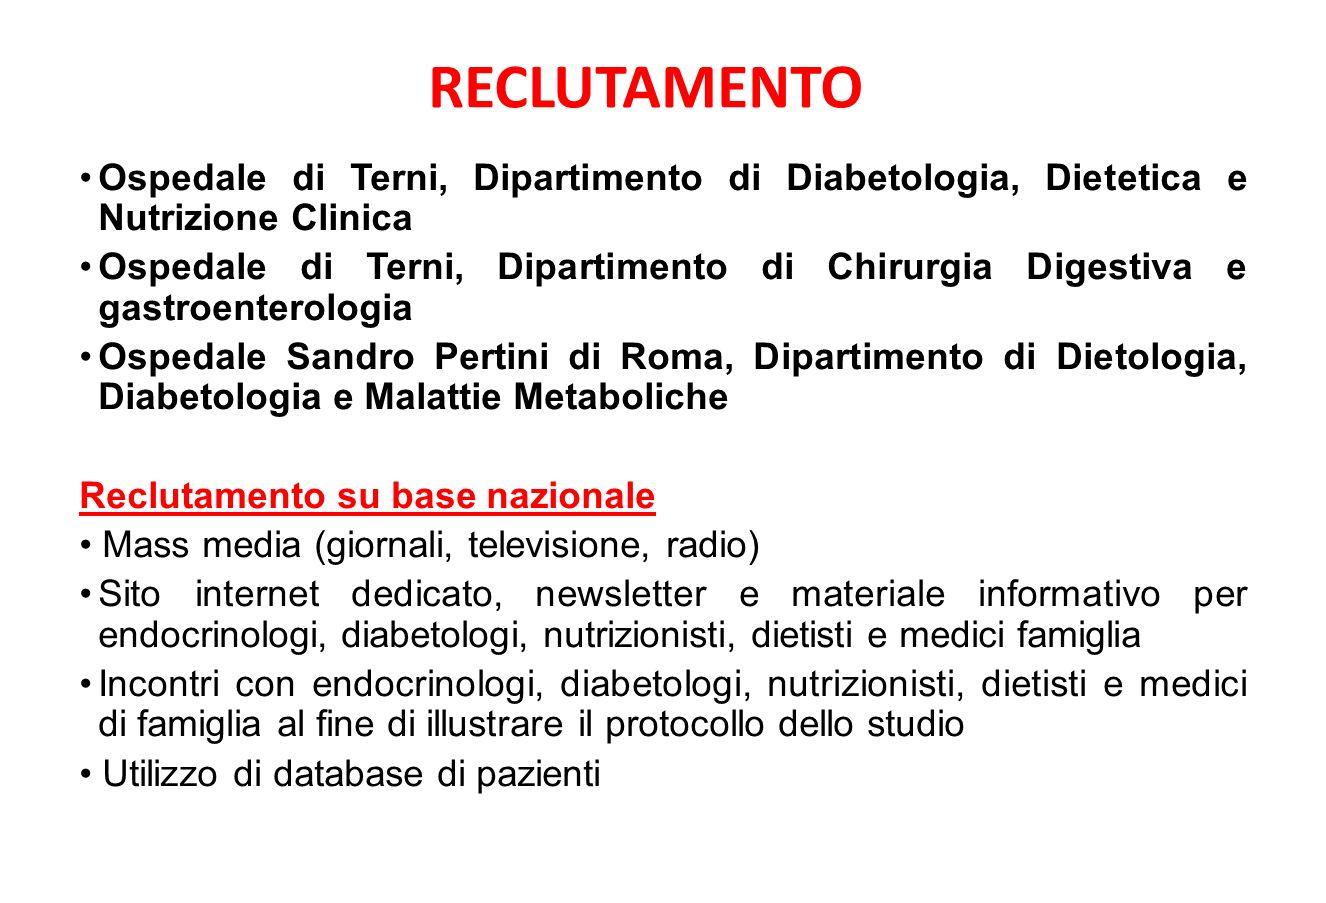 RECLUTAMENTO Ospedale di Terni, Dipartimento di Diabetologia, Dietetica e Nutrizione Clinica Ospedale di Terni, Dipartimento di Chirurgia Digestiva e